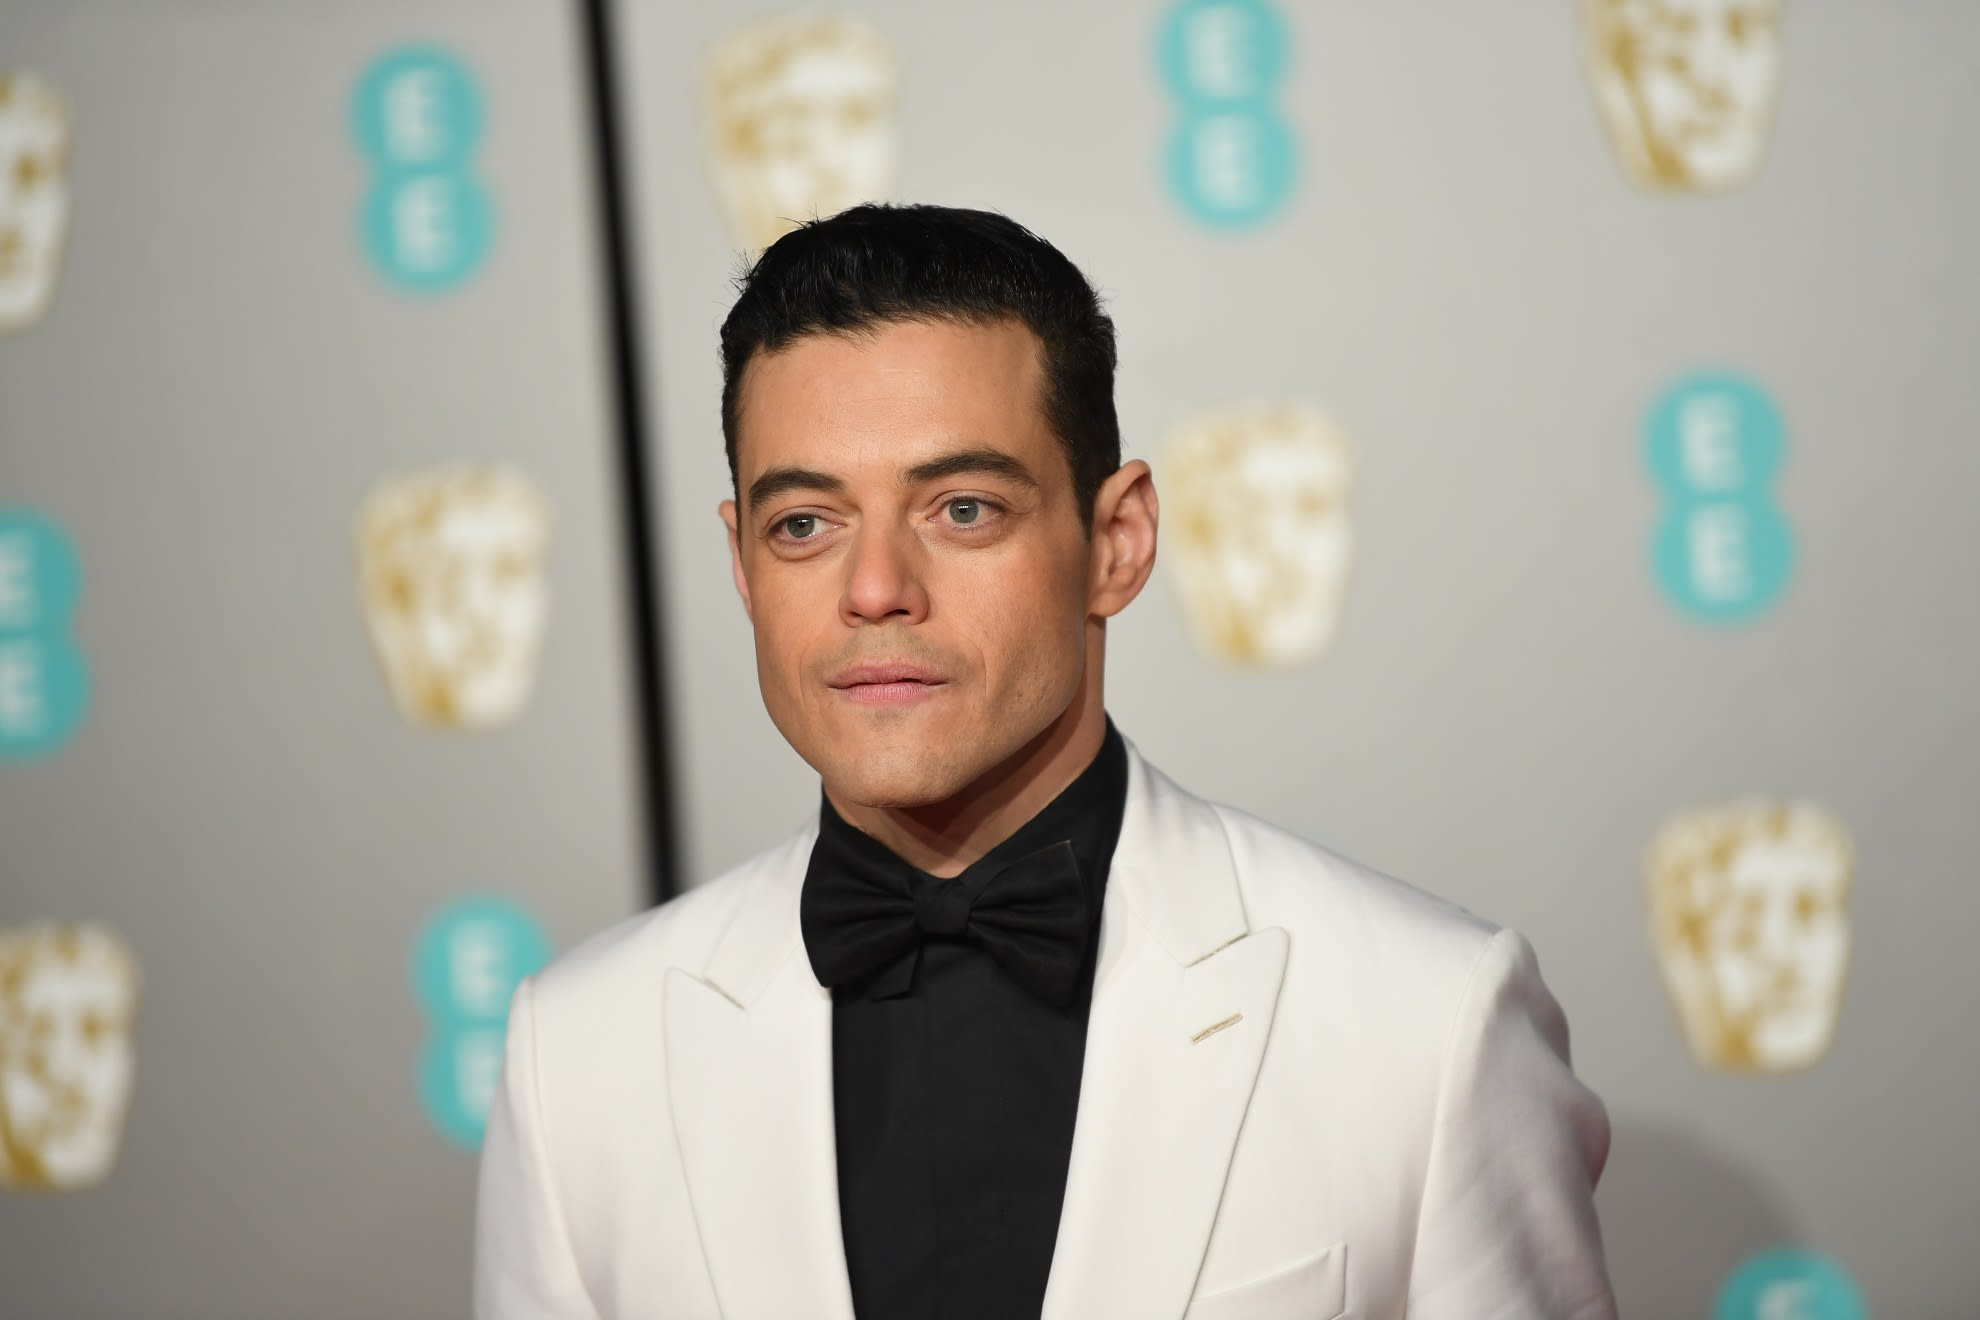 Parhaan miesnäyttelijän Bafta-palkinnon sai Queen-yhtyeen edesmennyttä laulajaa Freddie Mercurya Bohemian Rhapsody -elokuvassa esittänyt Rami Malek.